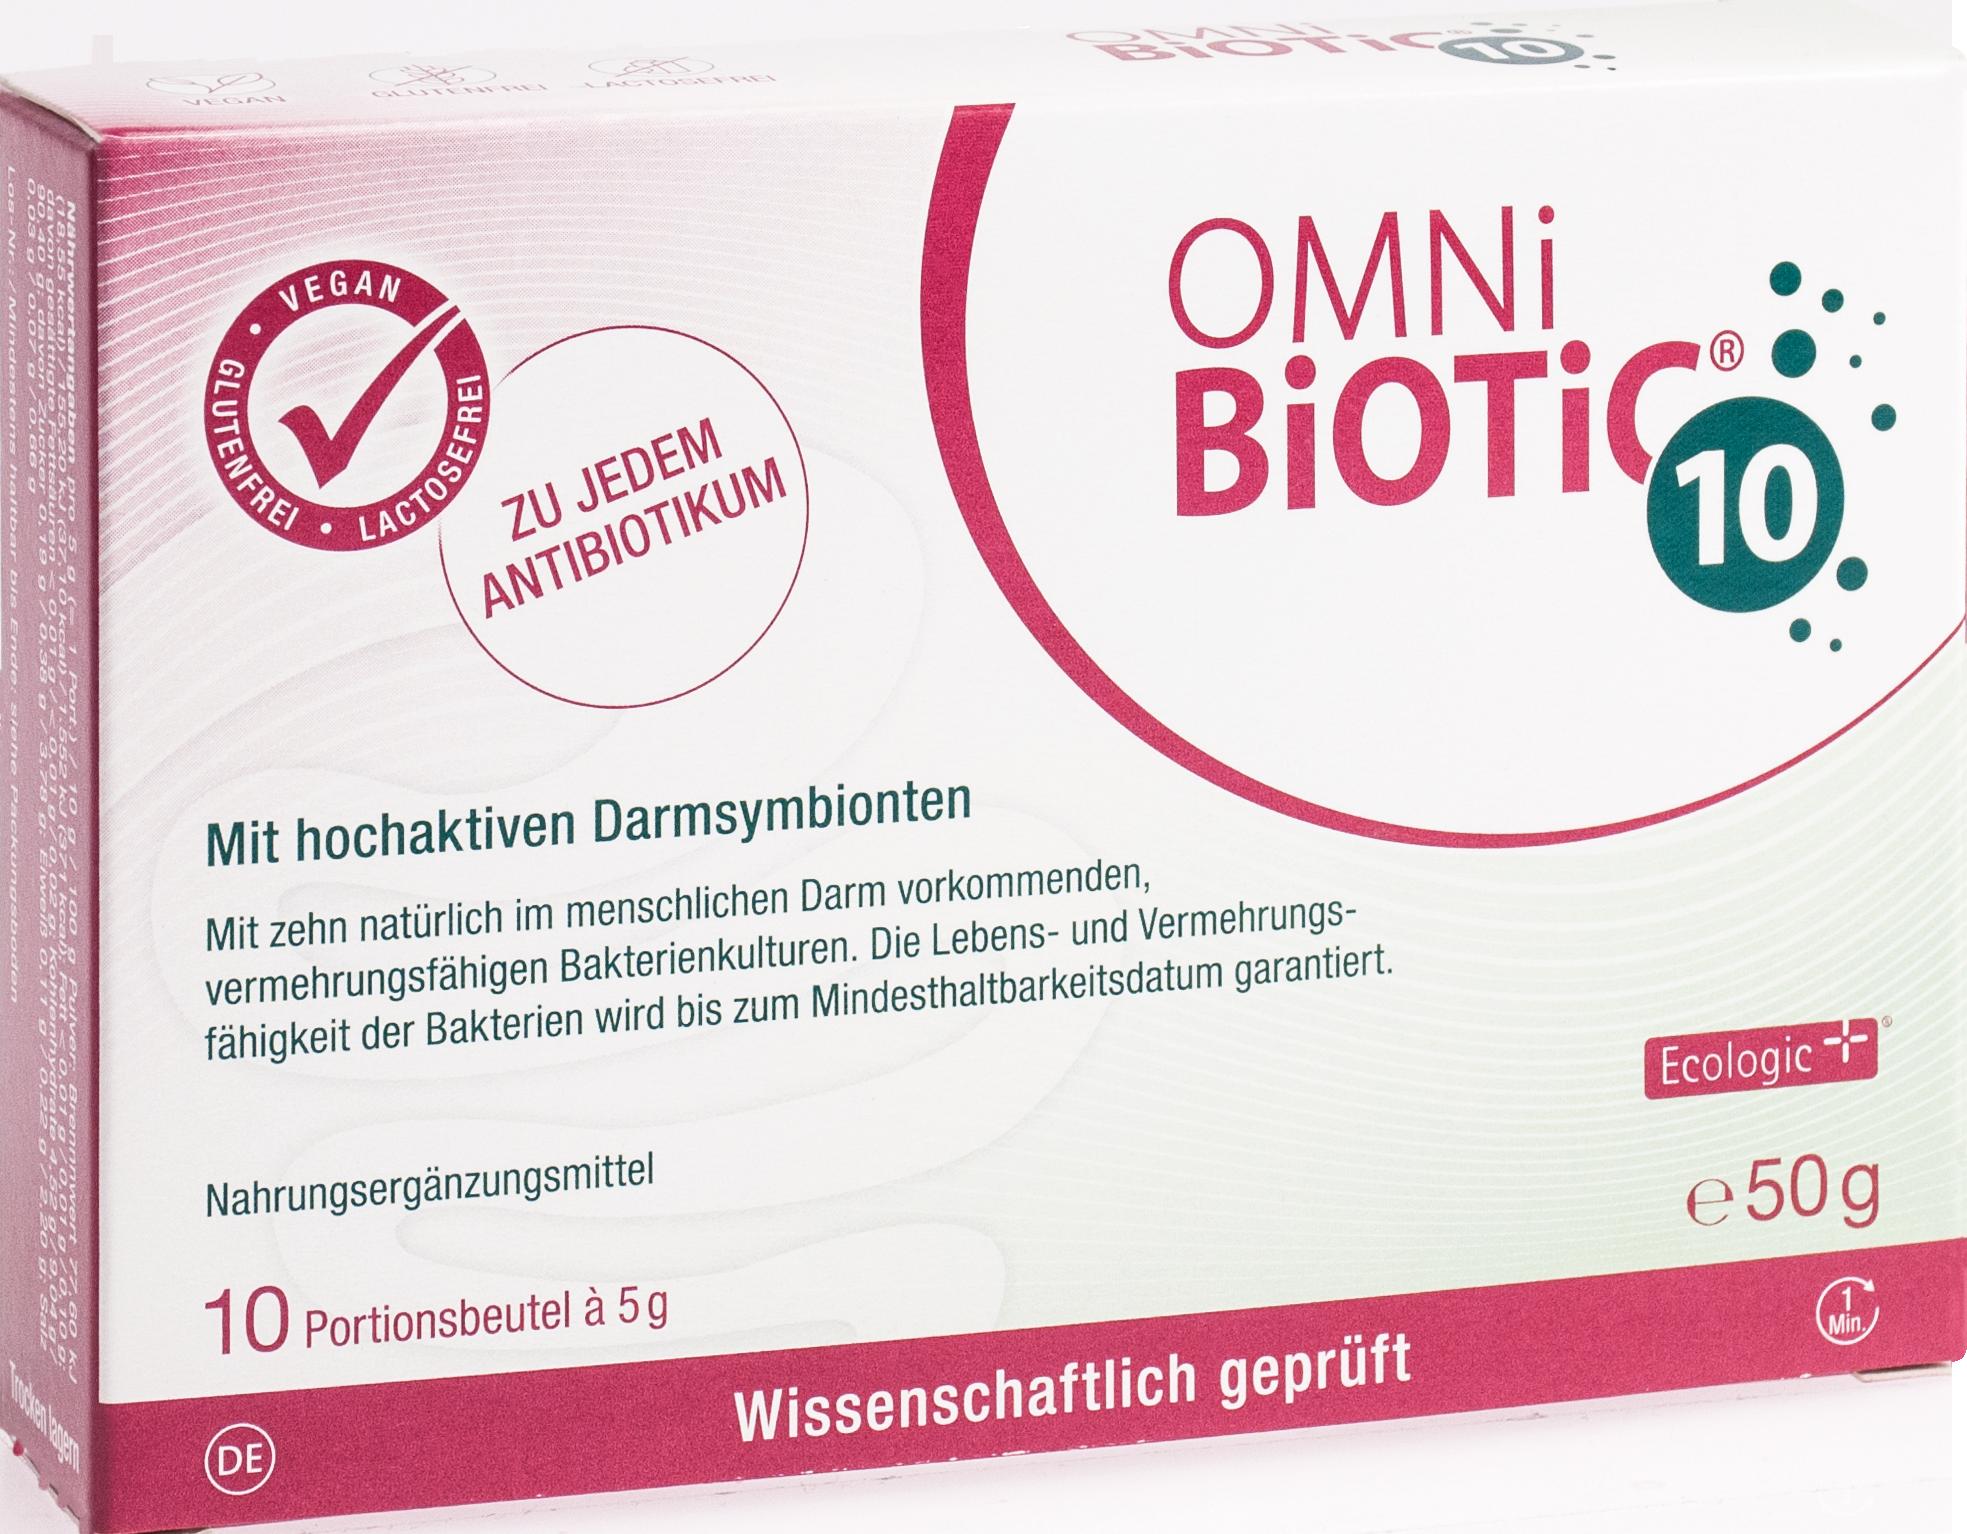 OMNI-BIOTIC 10